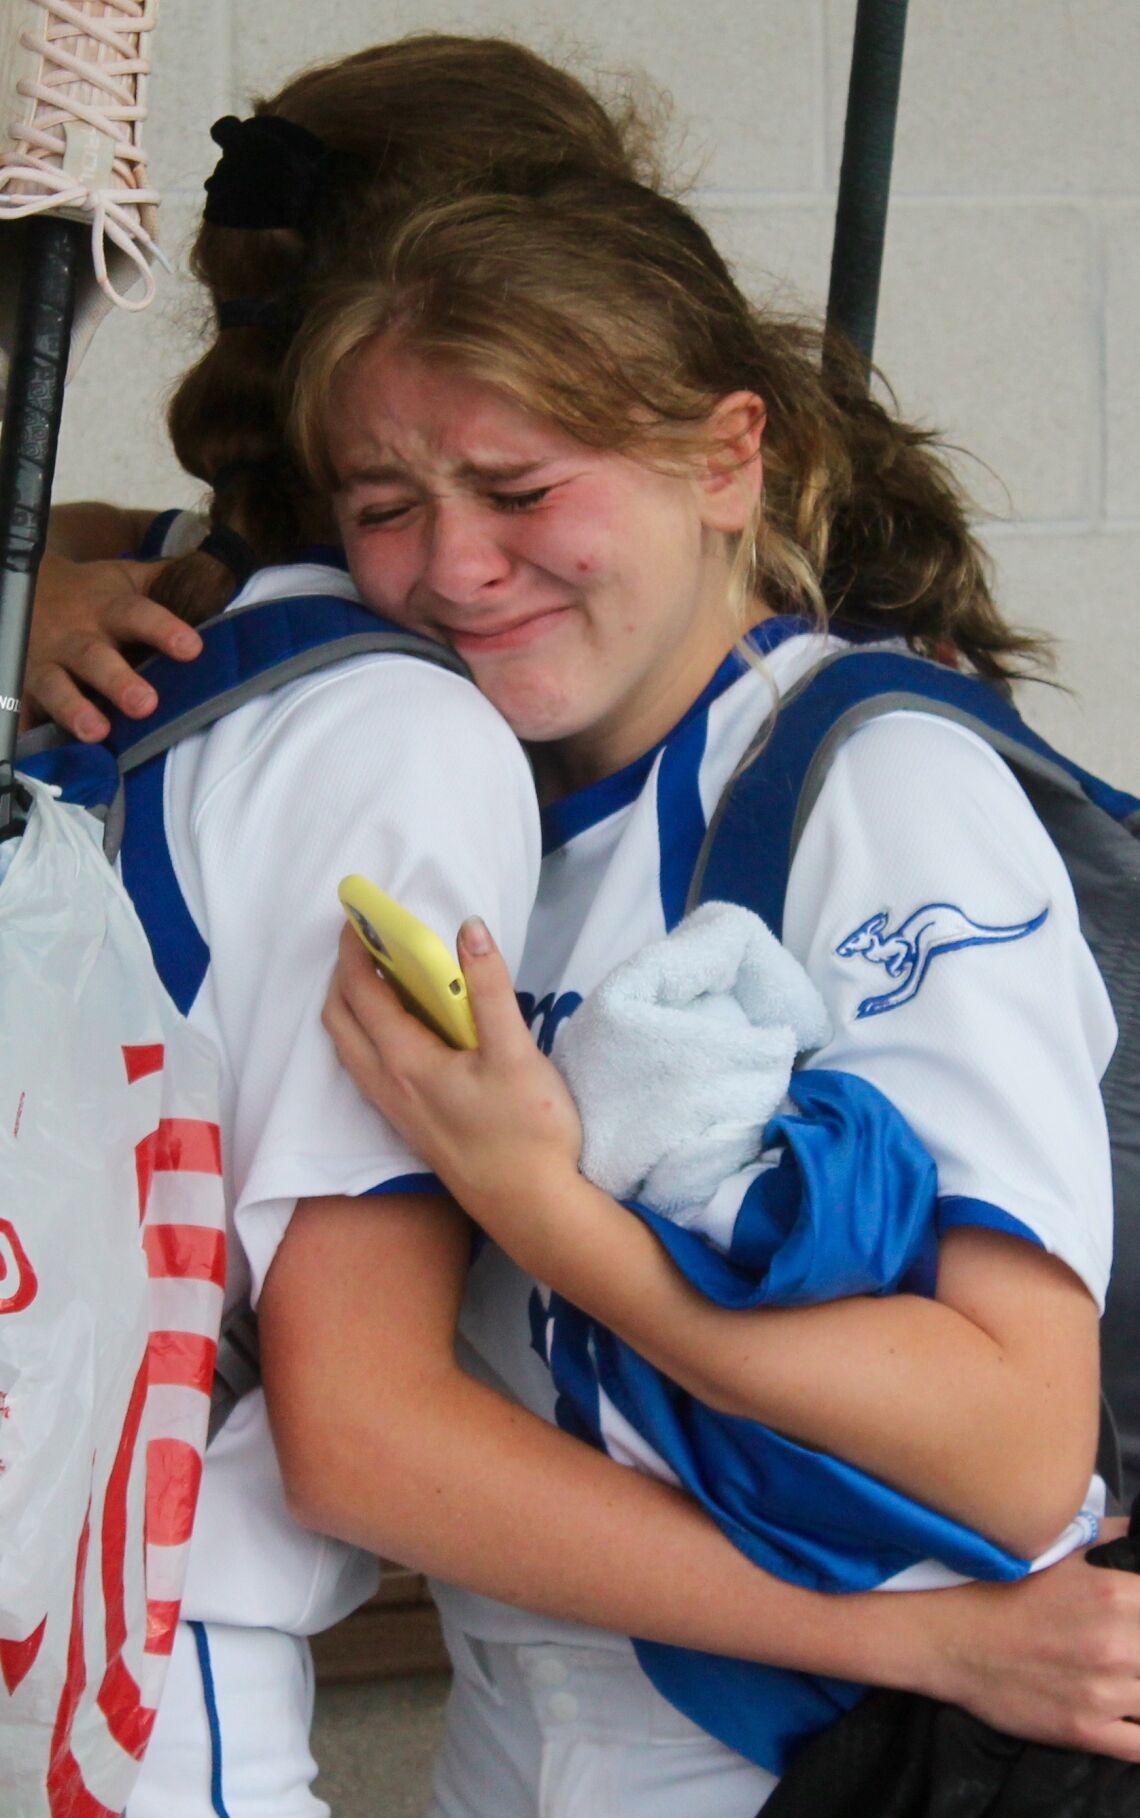 WF Lauren Belles cries